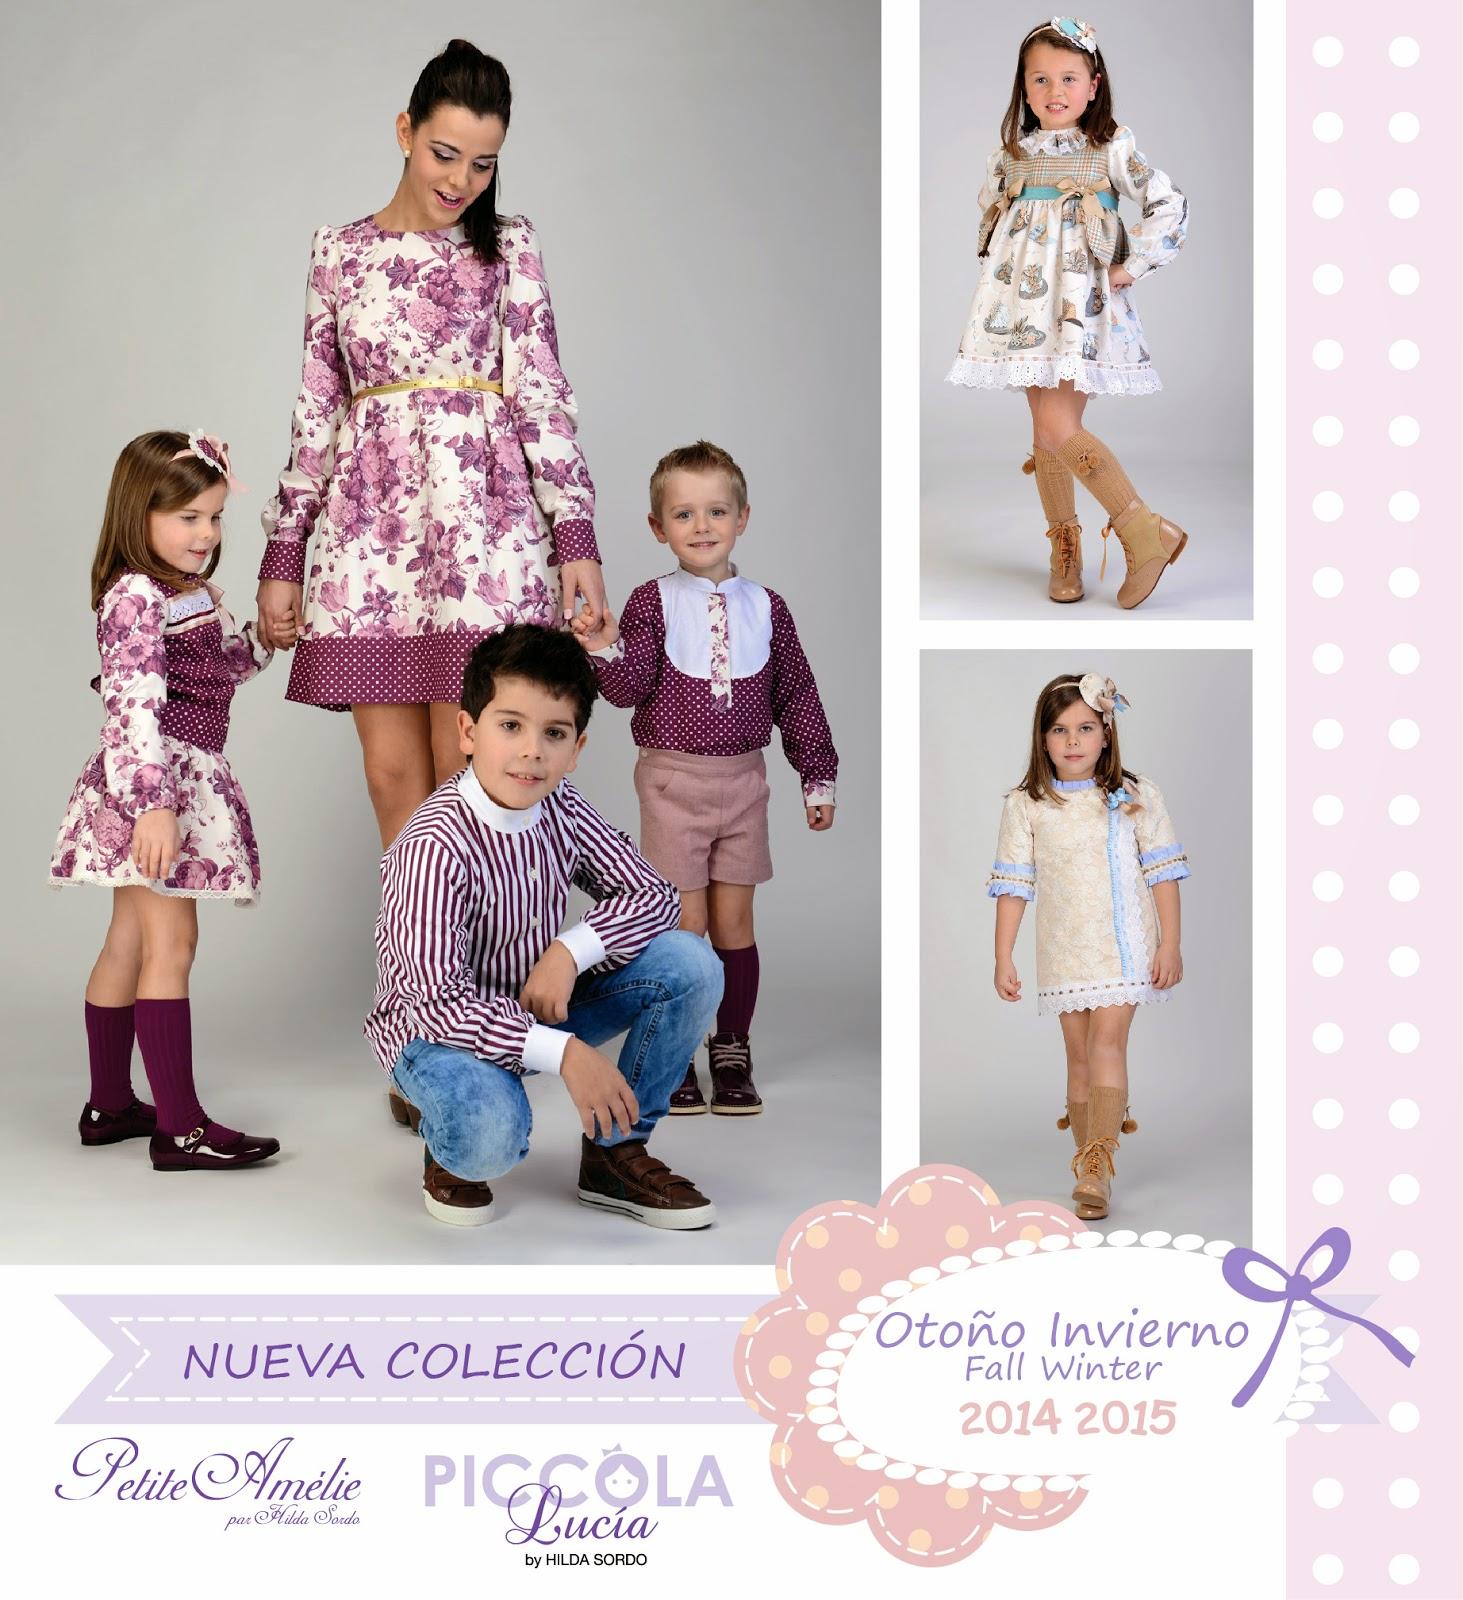 9741a573a Nueva Colección Otoño Invierno 2014-2015. Ya está disponible la nueva  colección de Petite Amélie y Piccola Lucía.